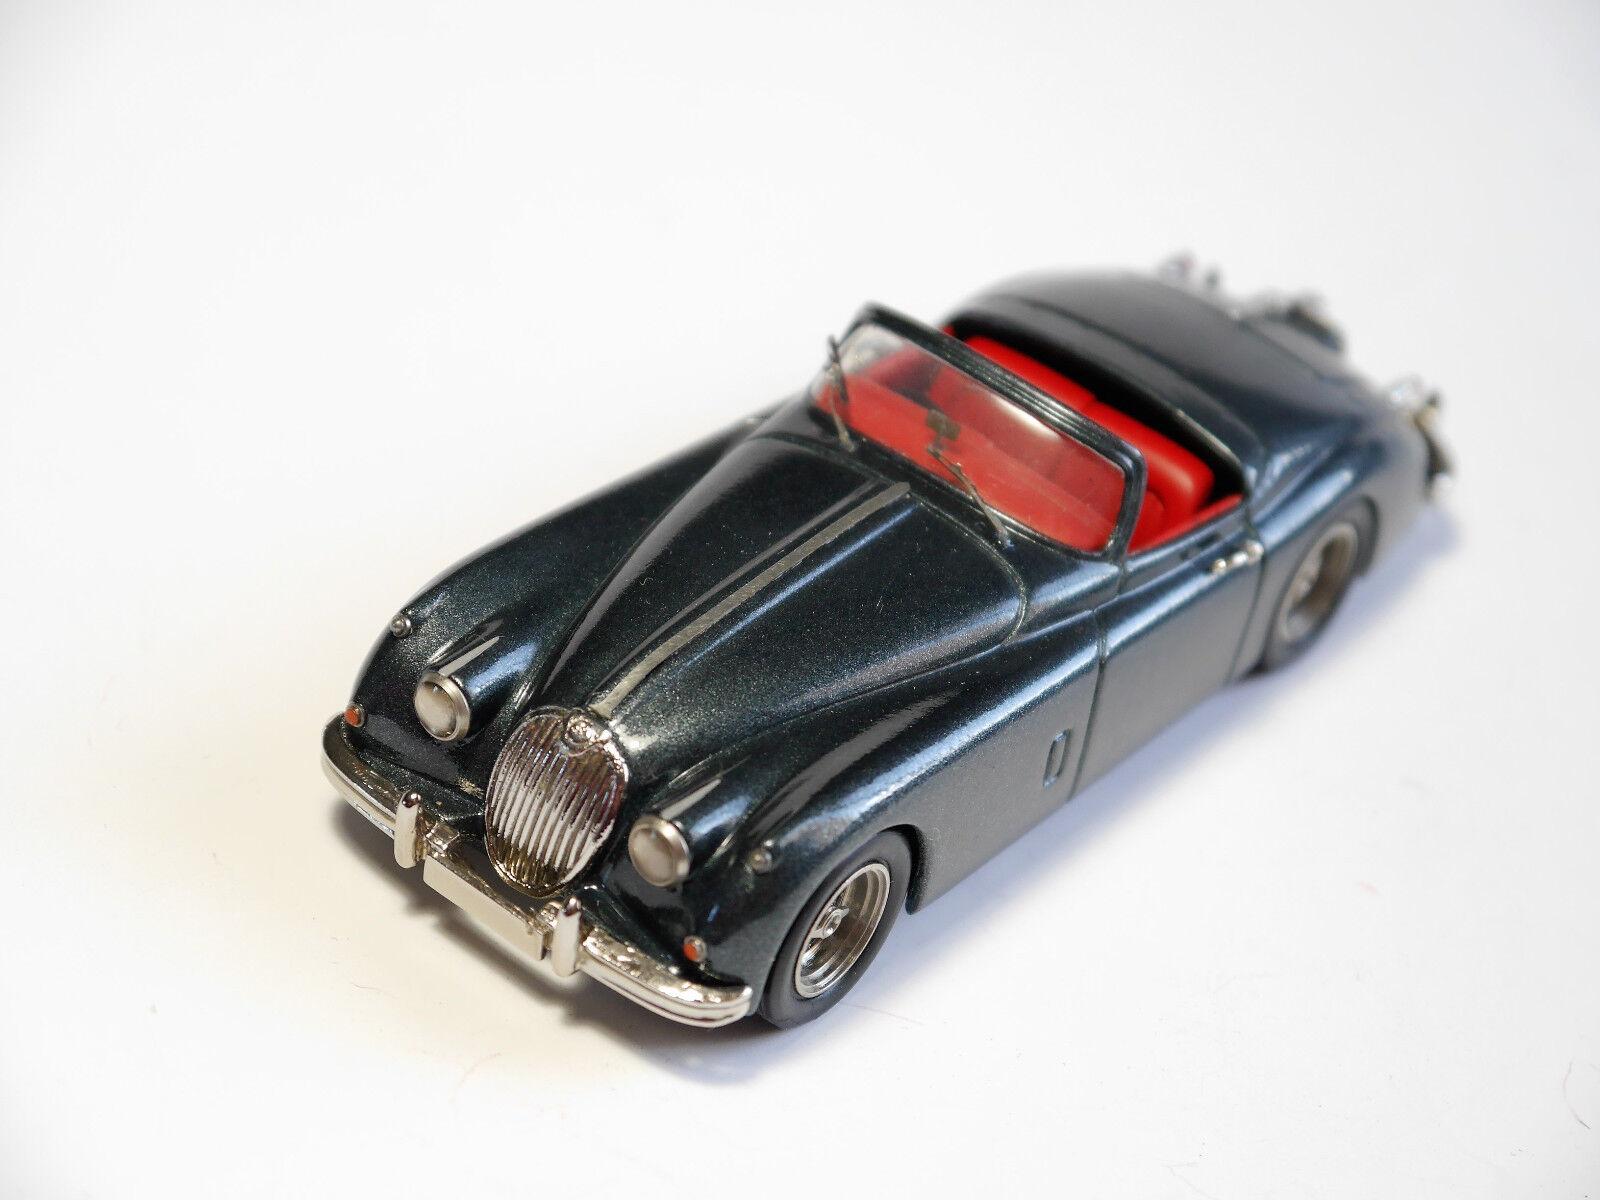 Jaguar XK 150 Roadster, Handarbeit handmade   Tancré - A.M. RUF in 1 43